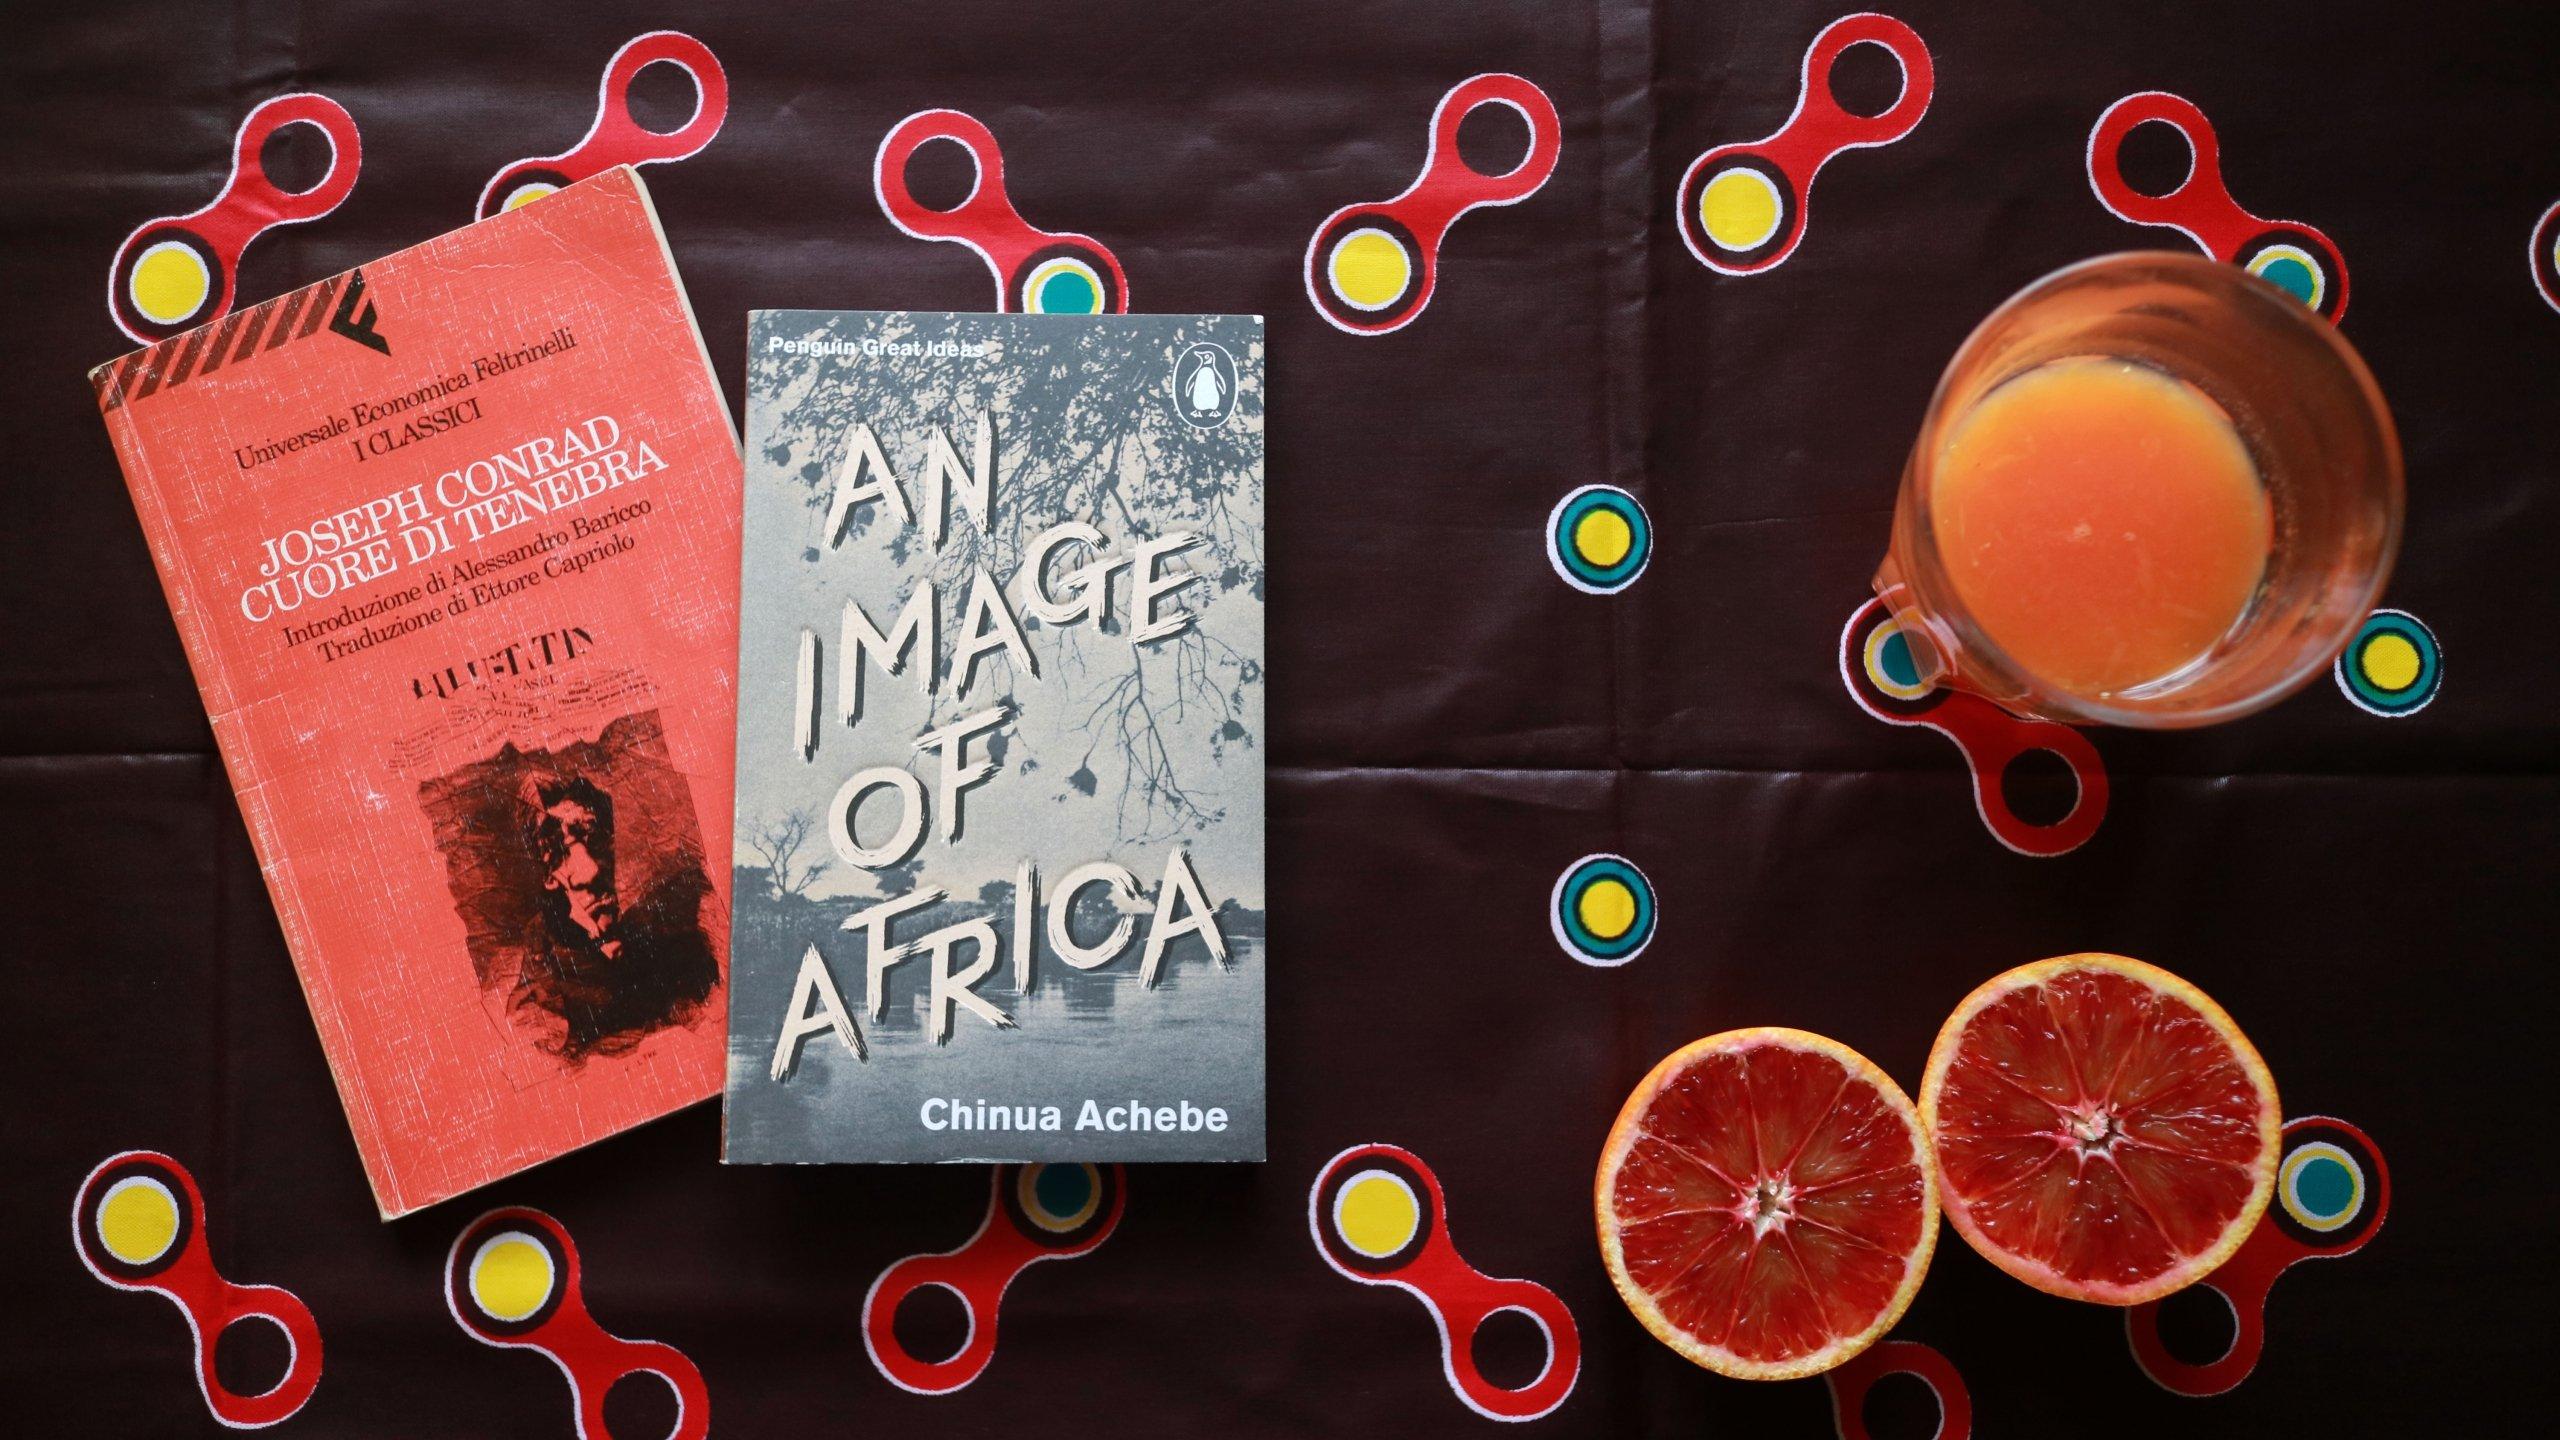 Africa, Afrologist